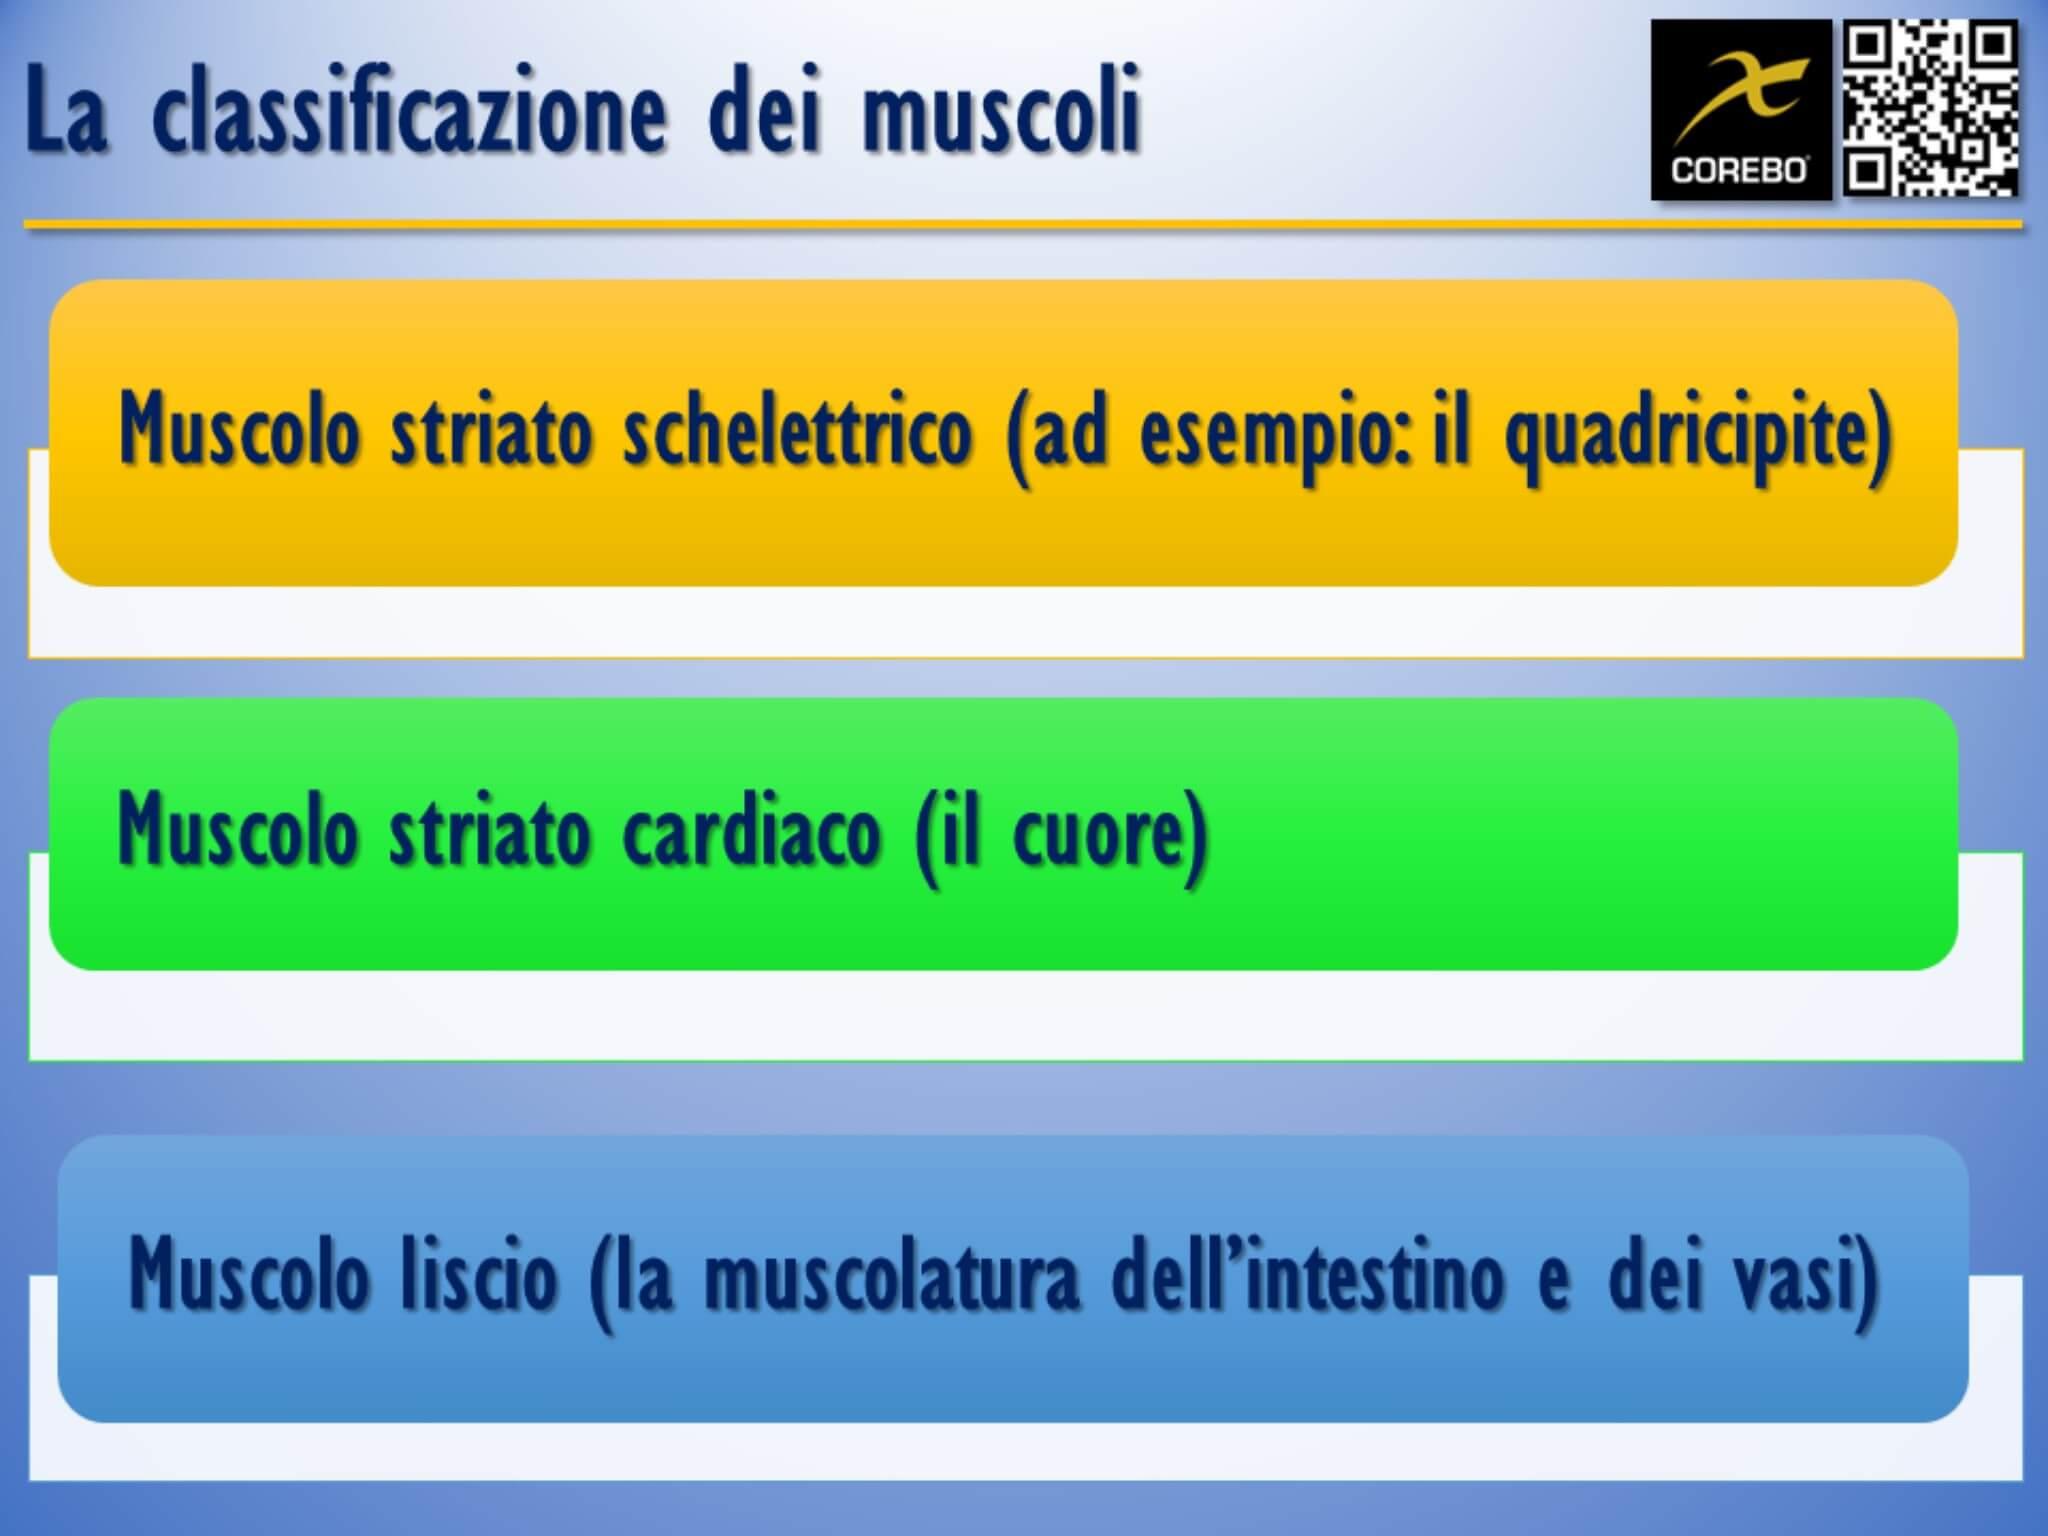 la classificazione dei muscoli